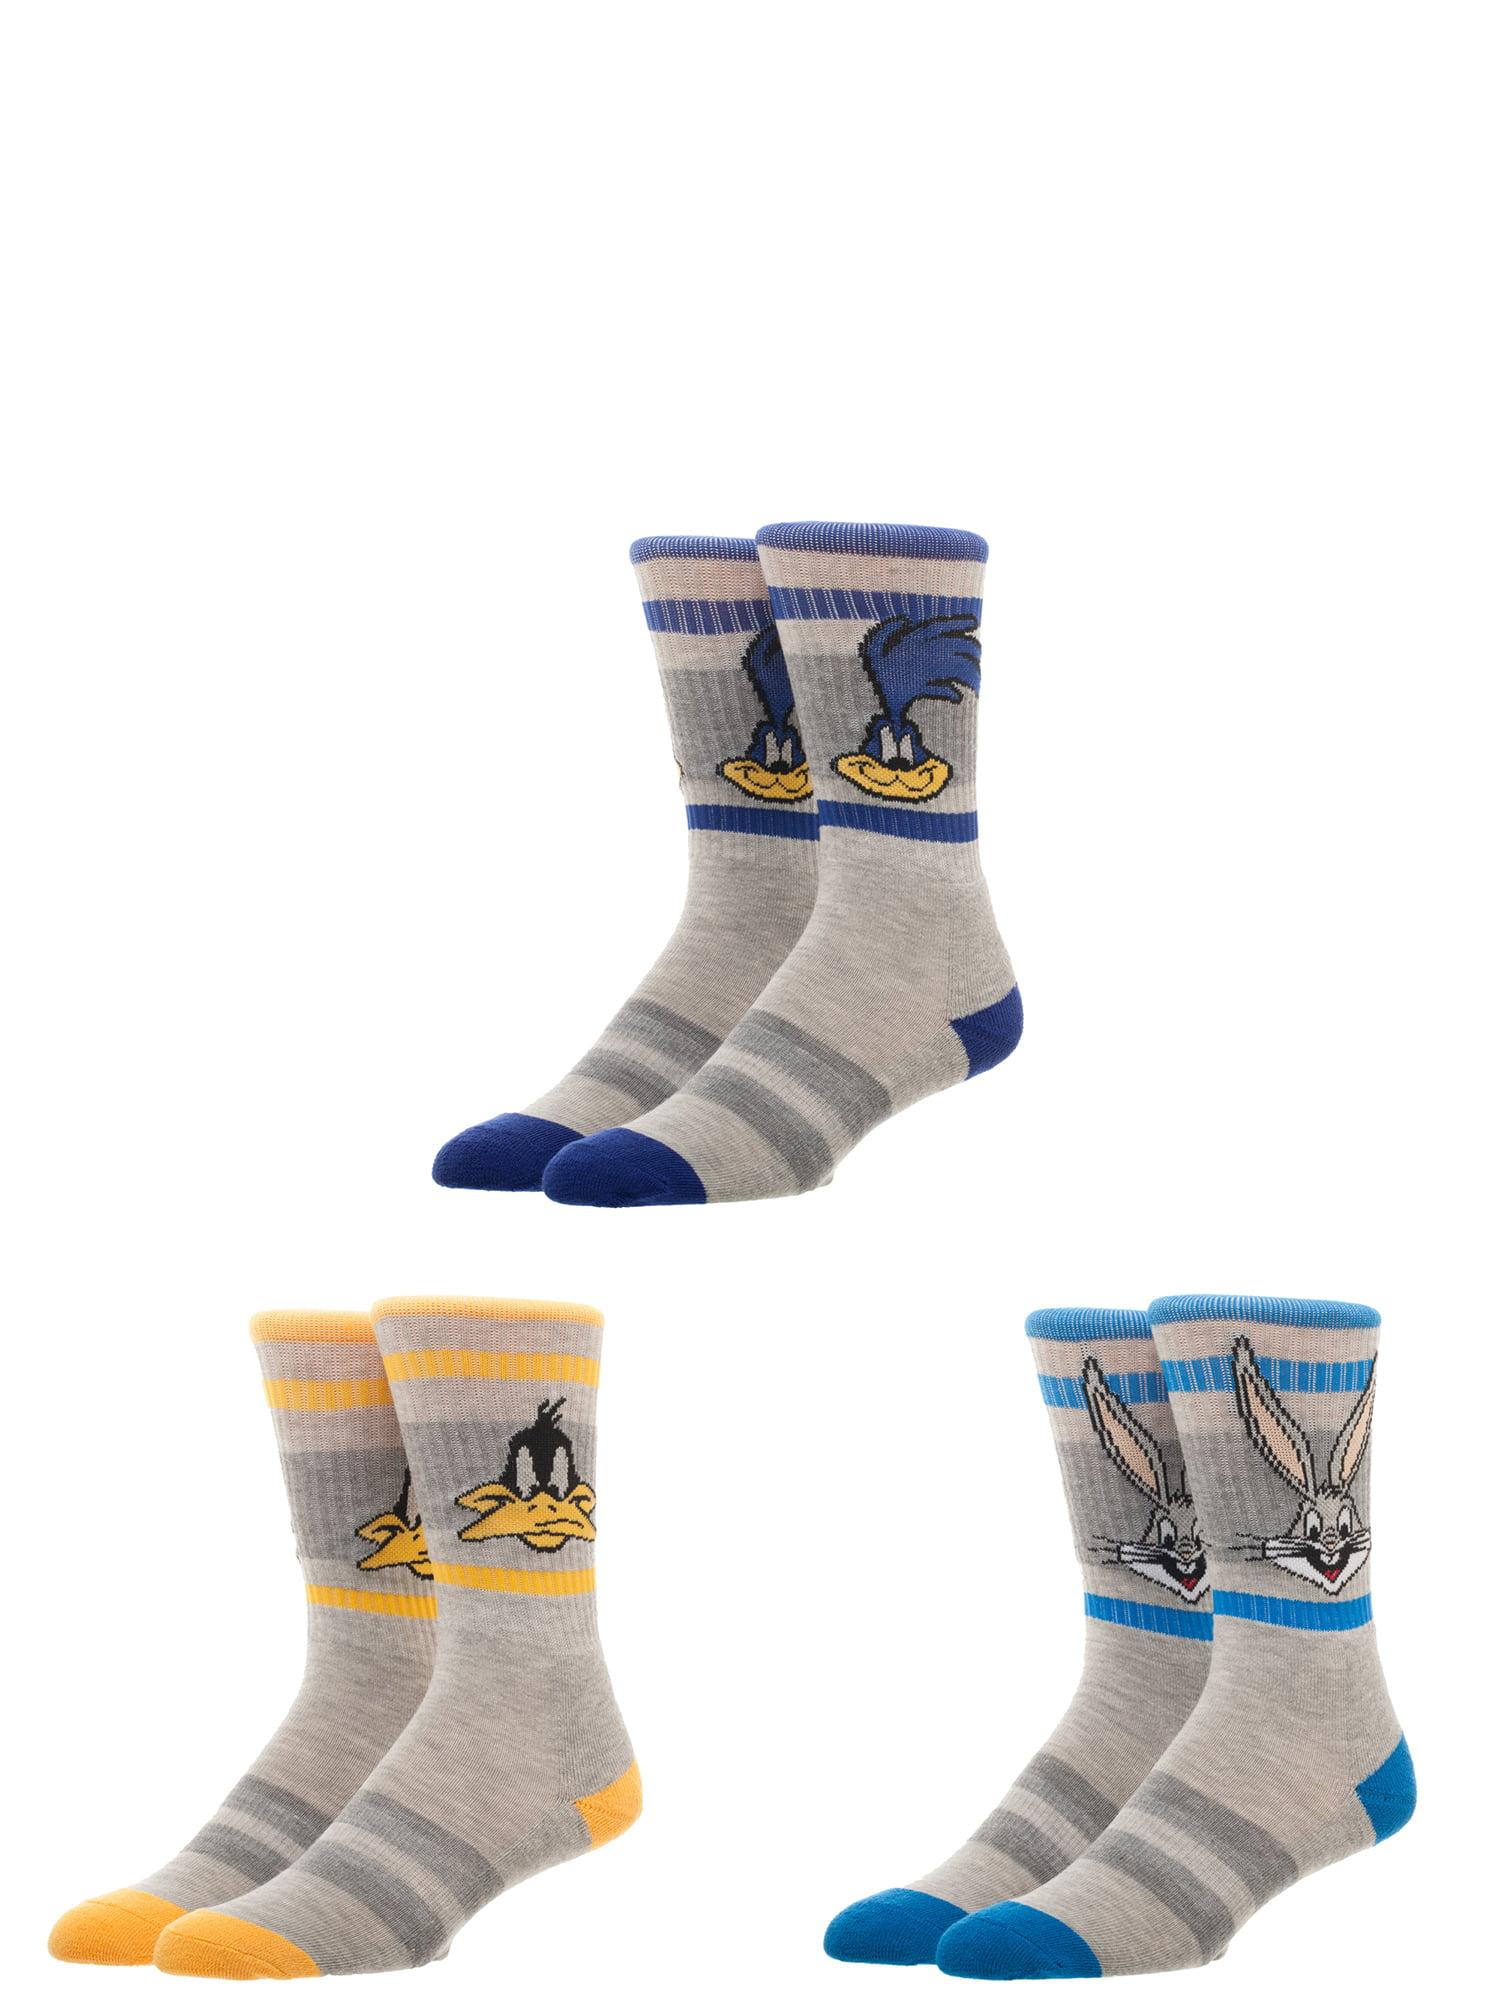 Adult Shark Head Pattern Athletic Crew Socks